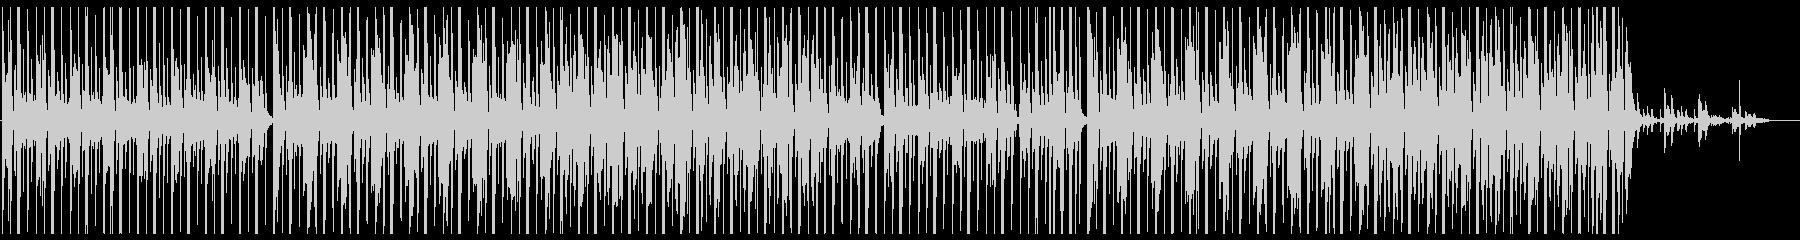 お洒落なチルアウト系ヒップホップの未再生の波形